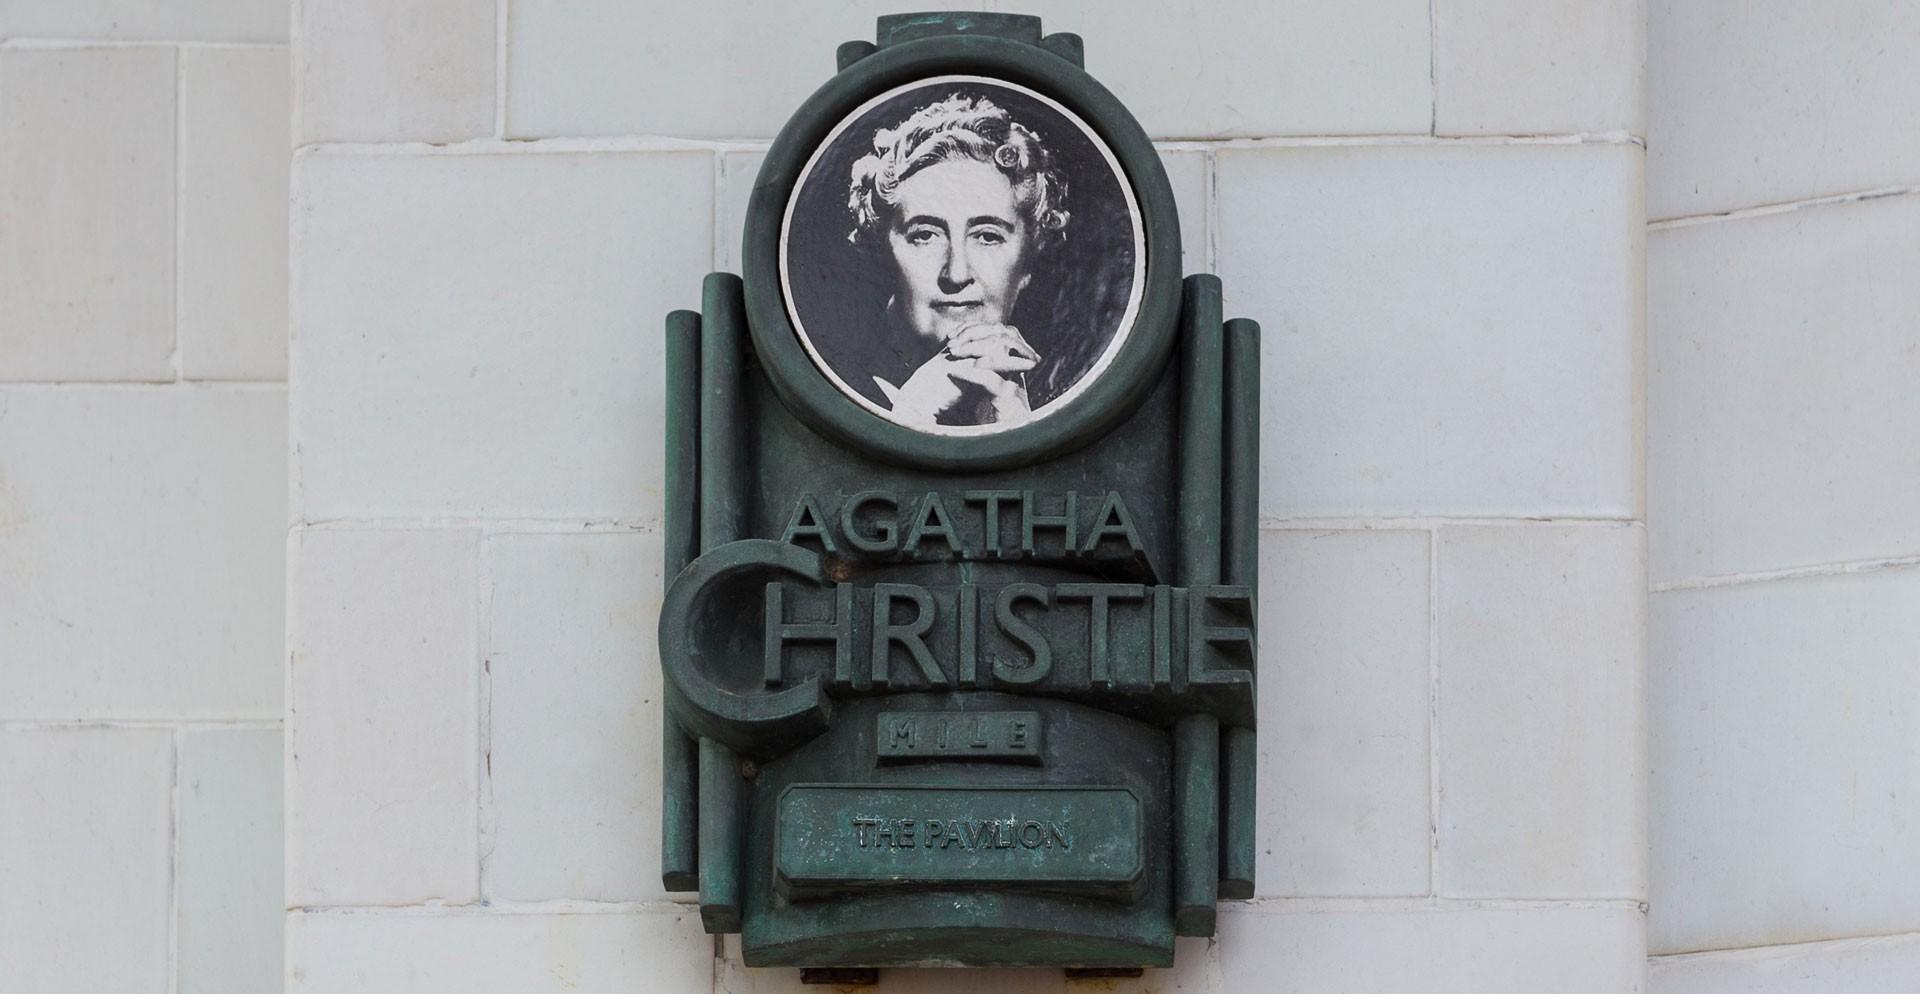 Agatha Christie: Finding a Way Forward